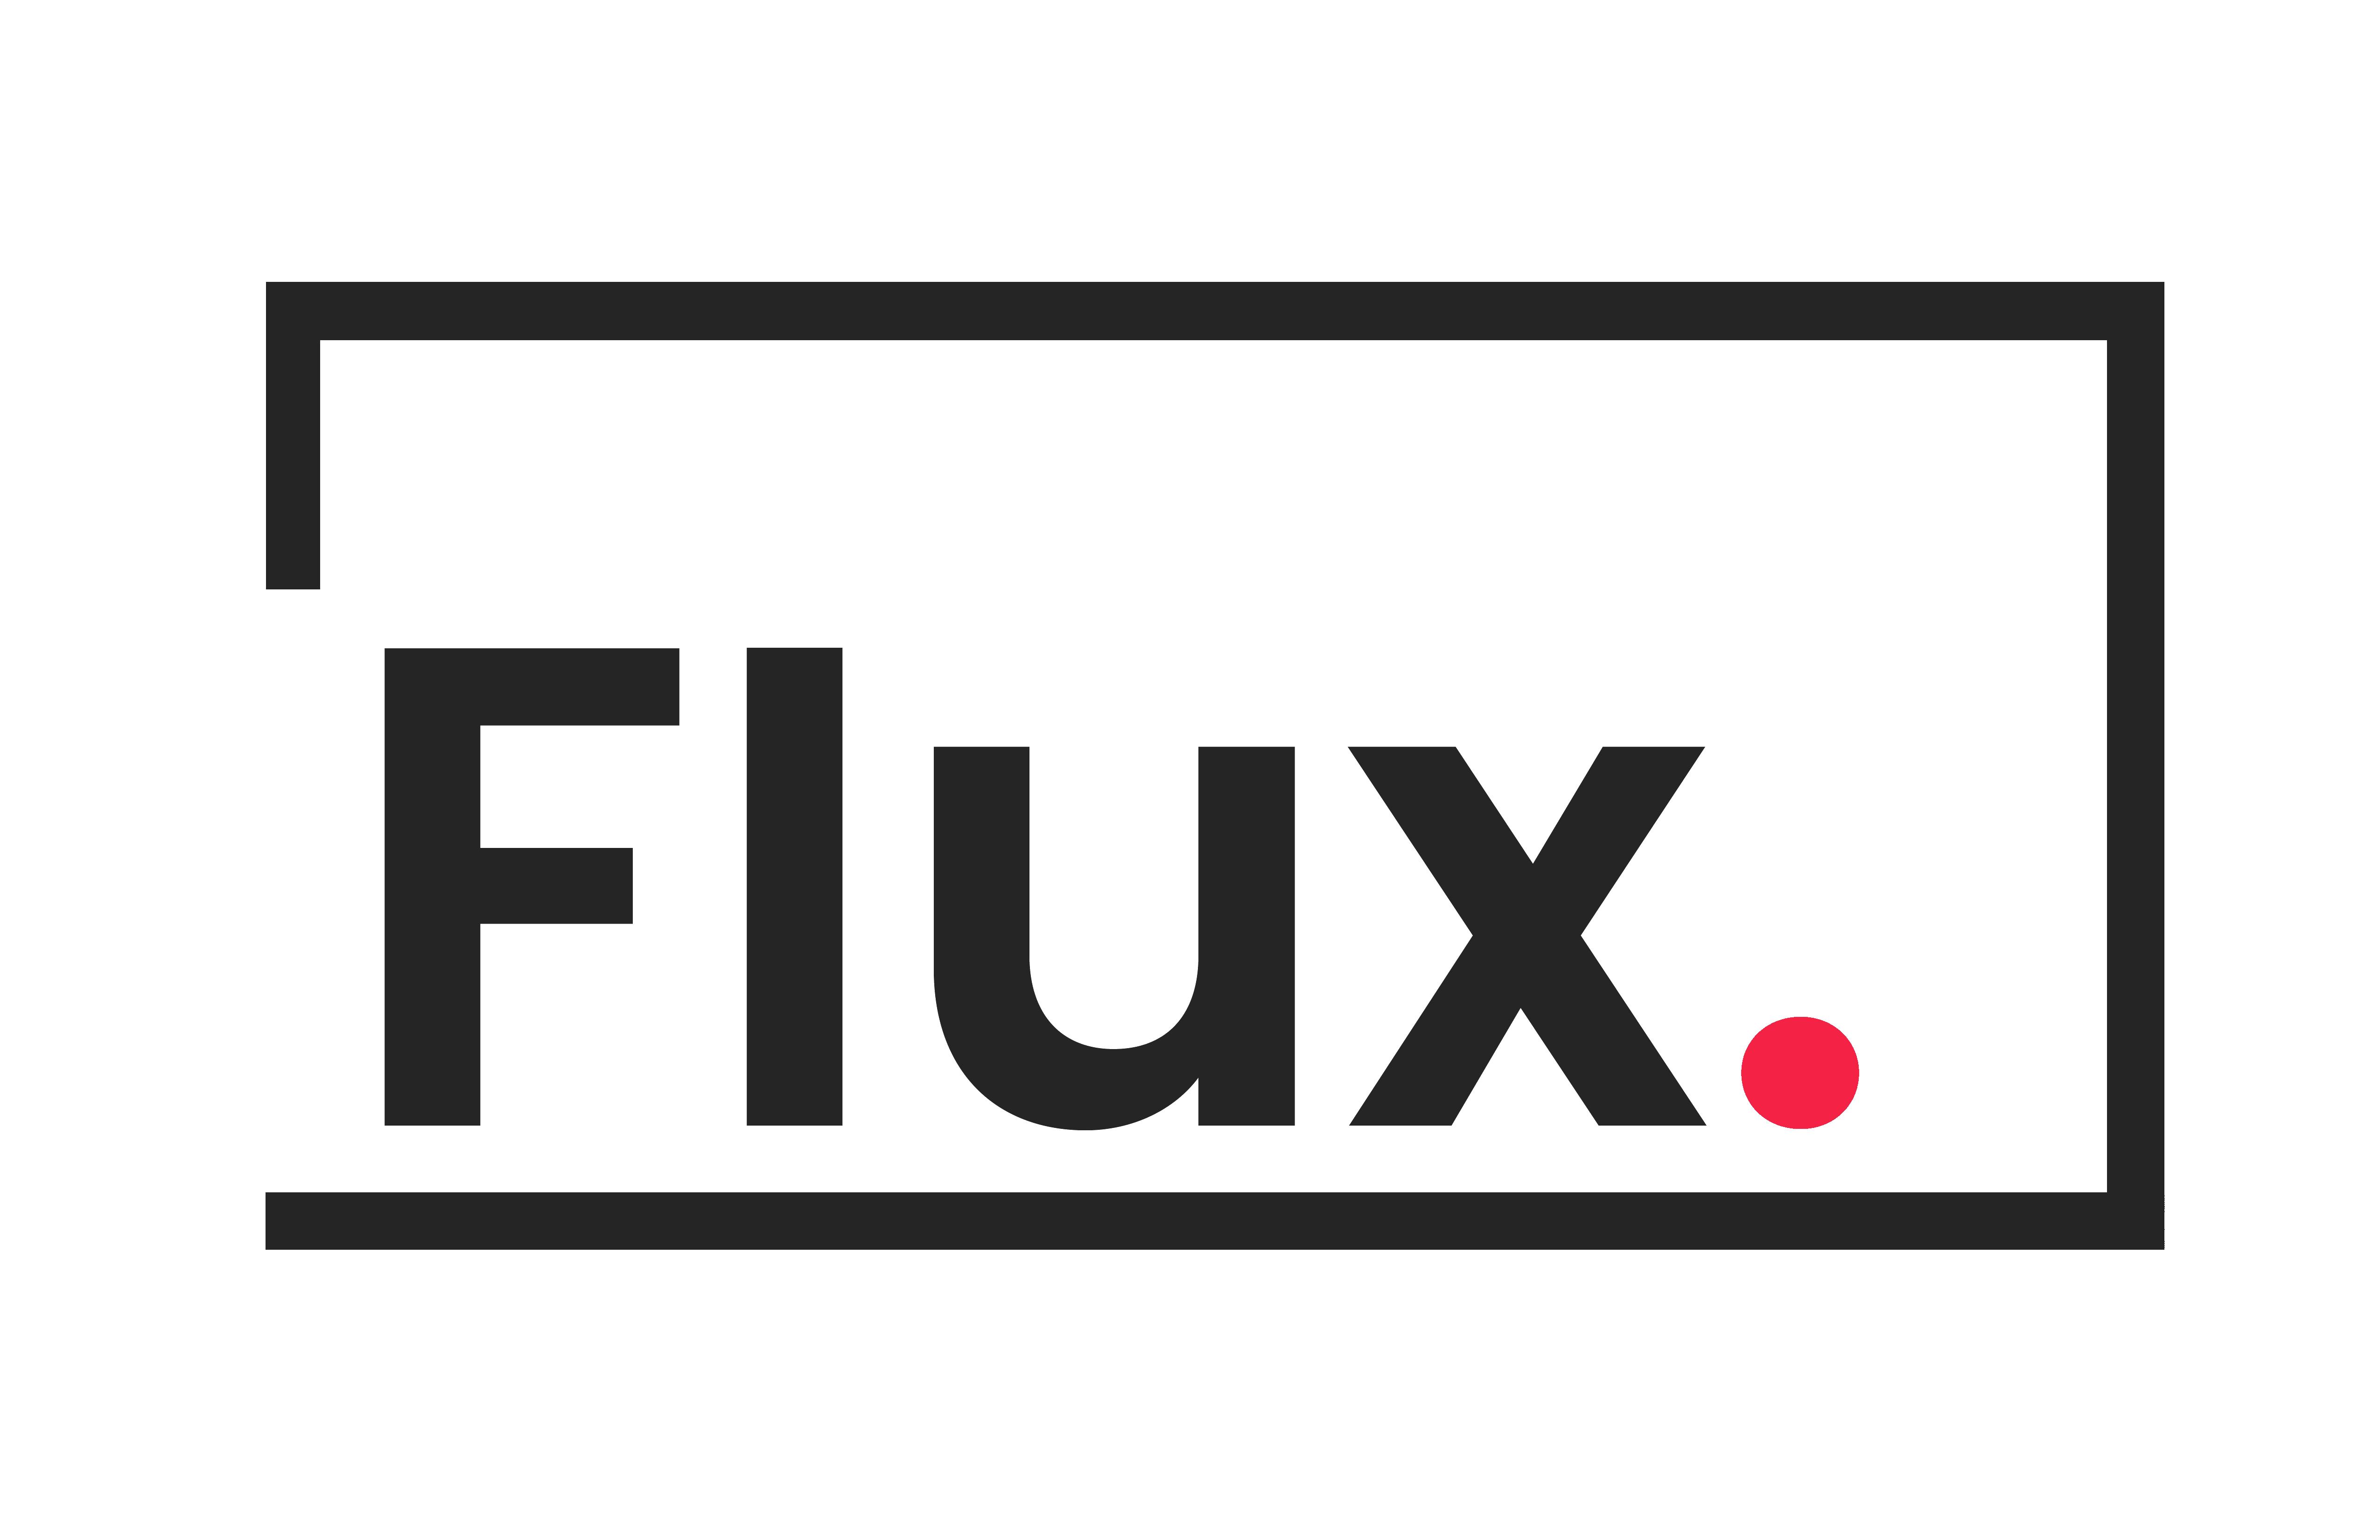 Flux.